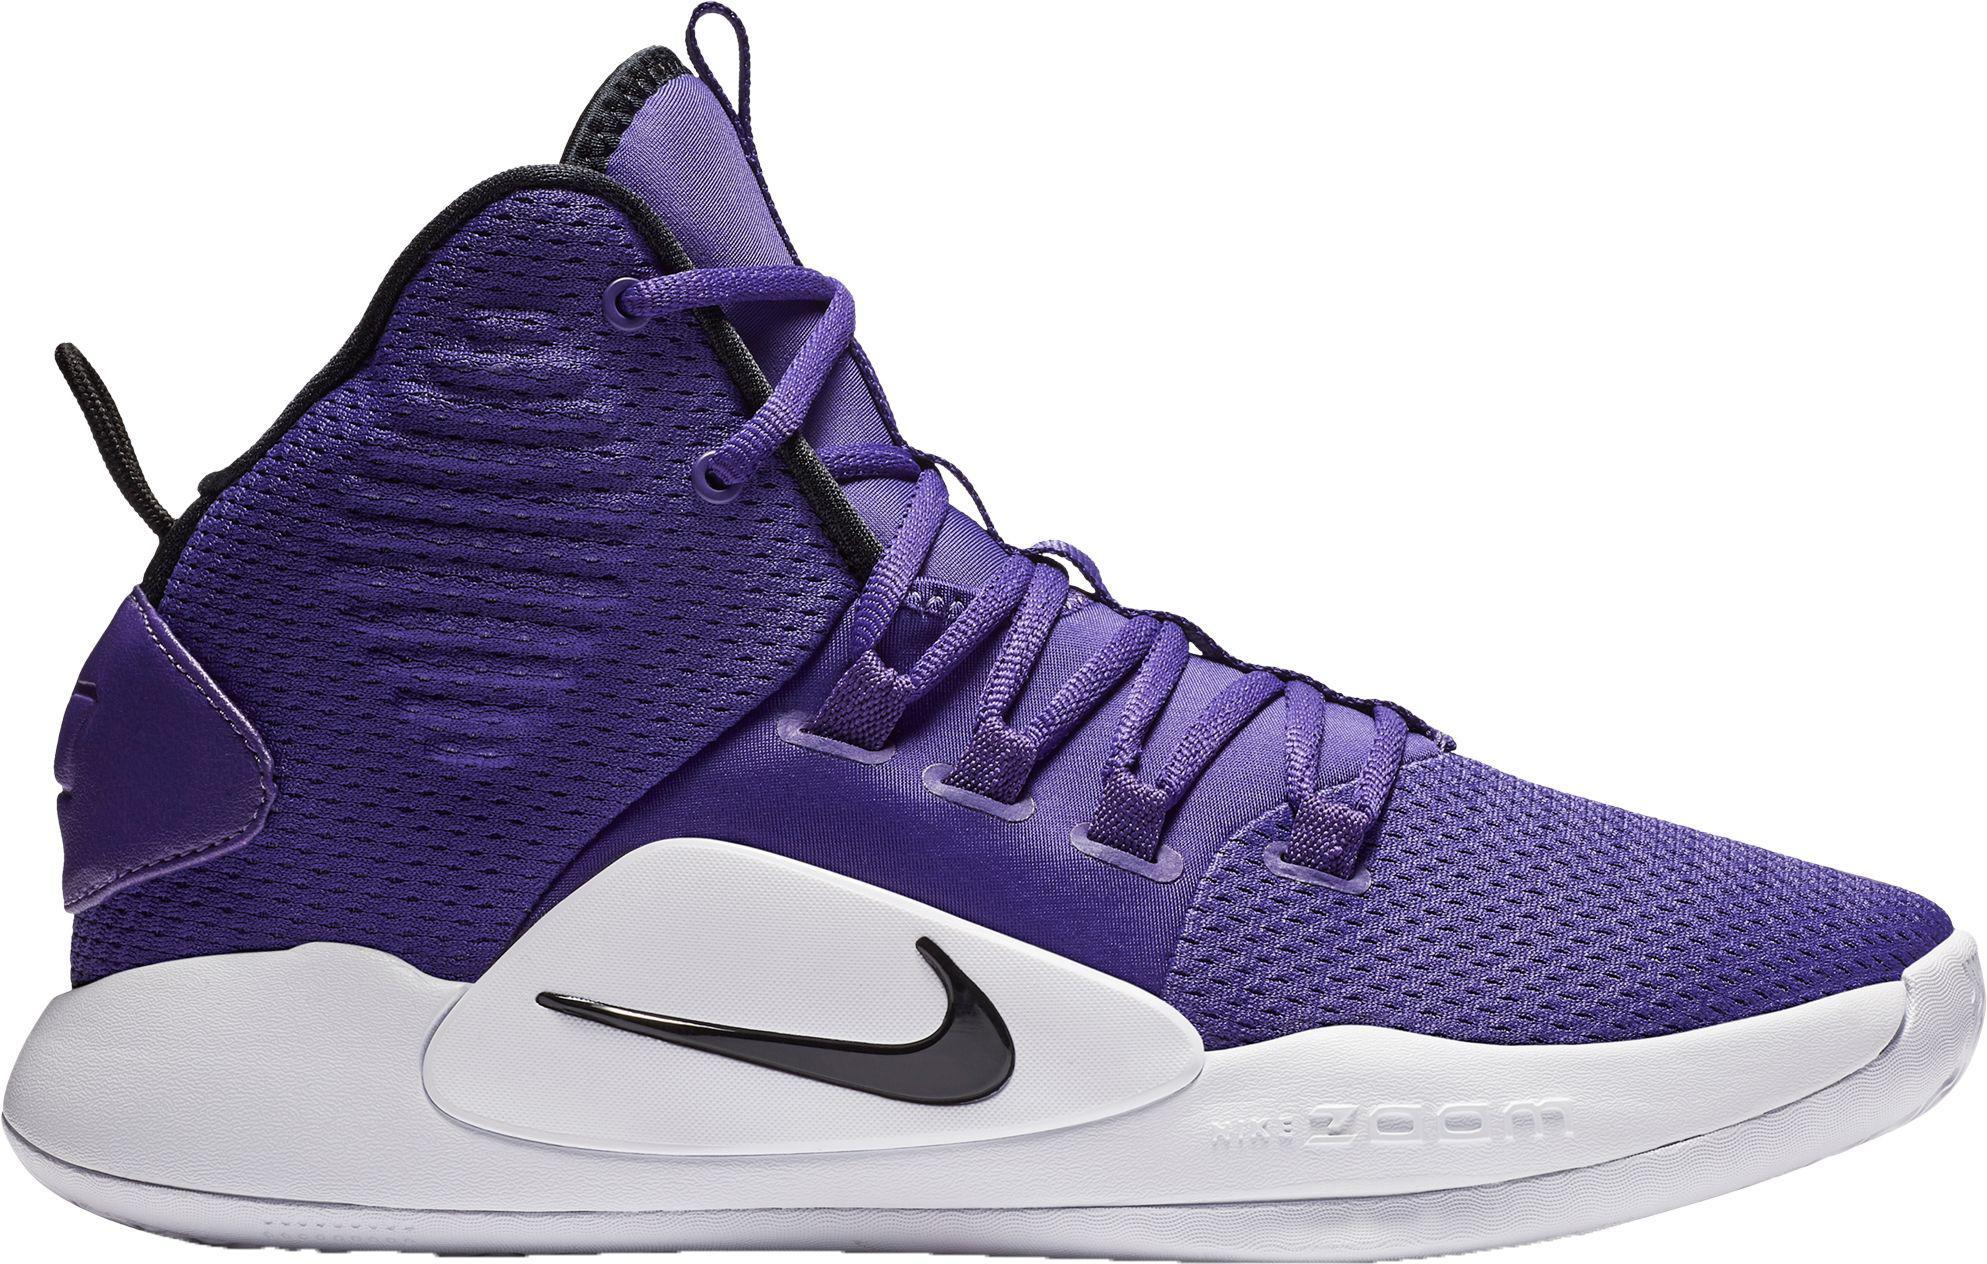 fdacfecff080 Lyst - Nike Hyperdunk X Mid Tb Basketball Shoes in Purple for Men